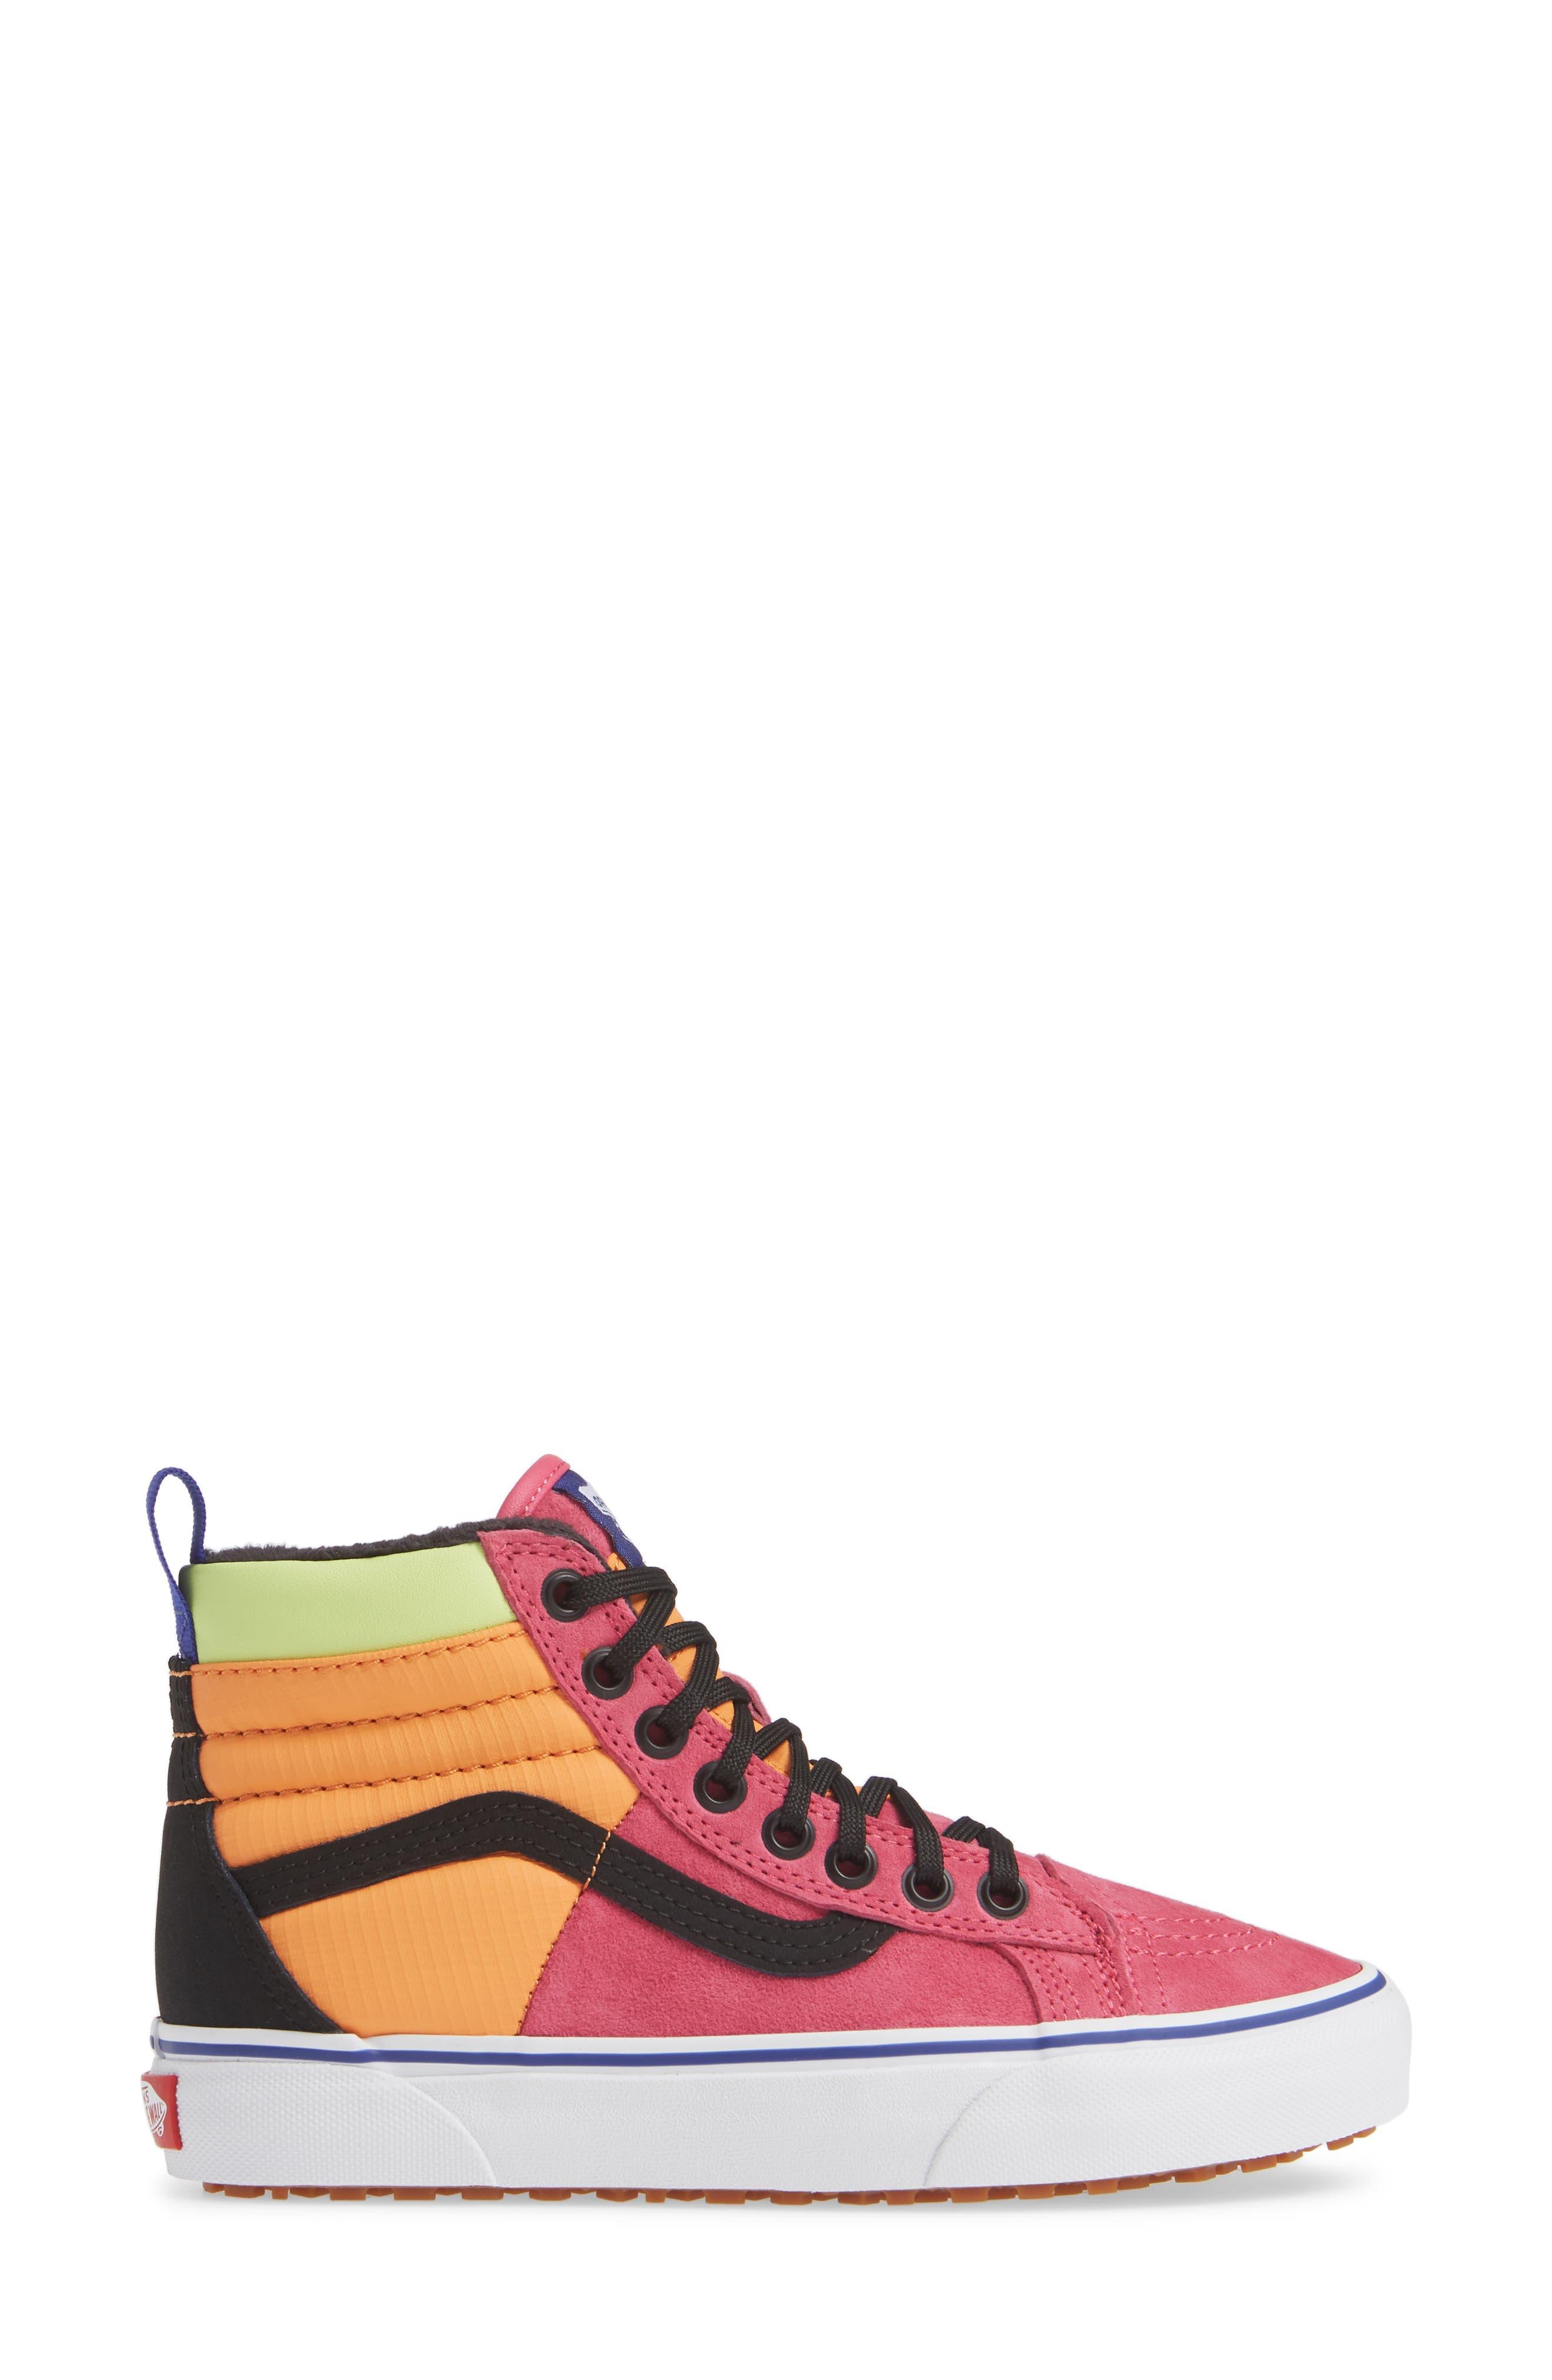 VANS,                             Sk8-Hi 46 MTE DX Sneaker,                             Alternate thumbnail 3, color,                             PINK YARROW/ TANGERINE/ BLACK